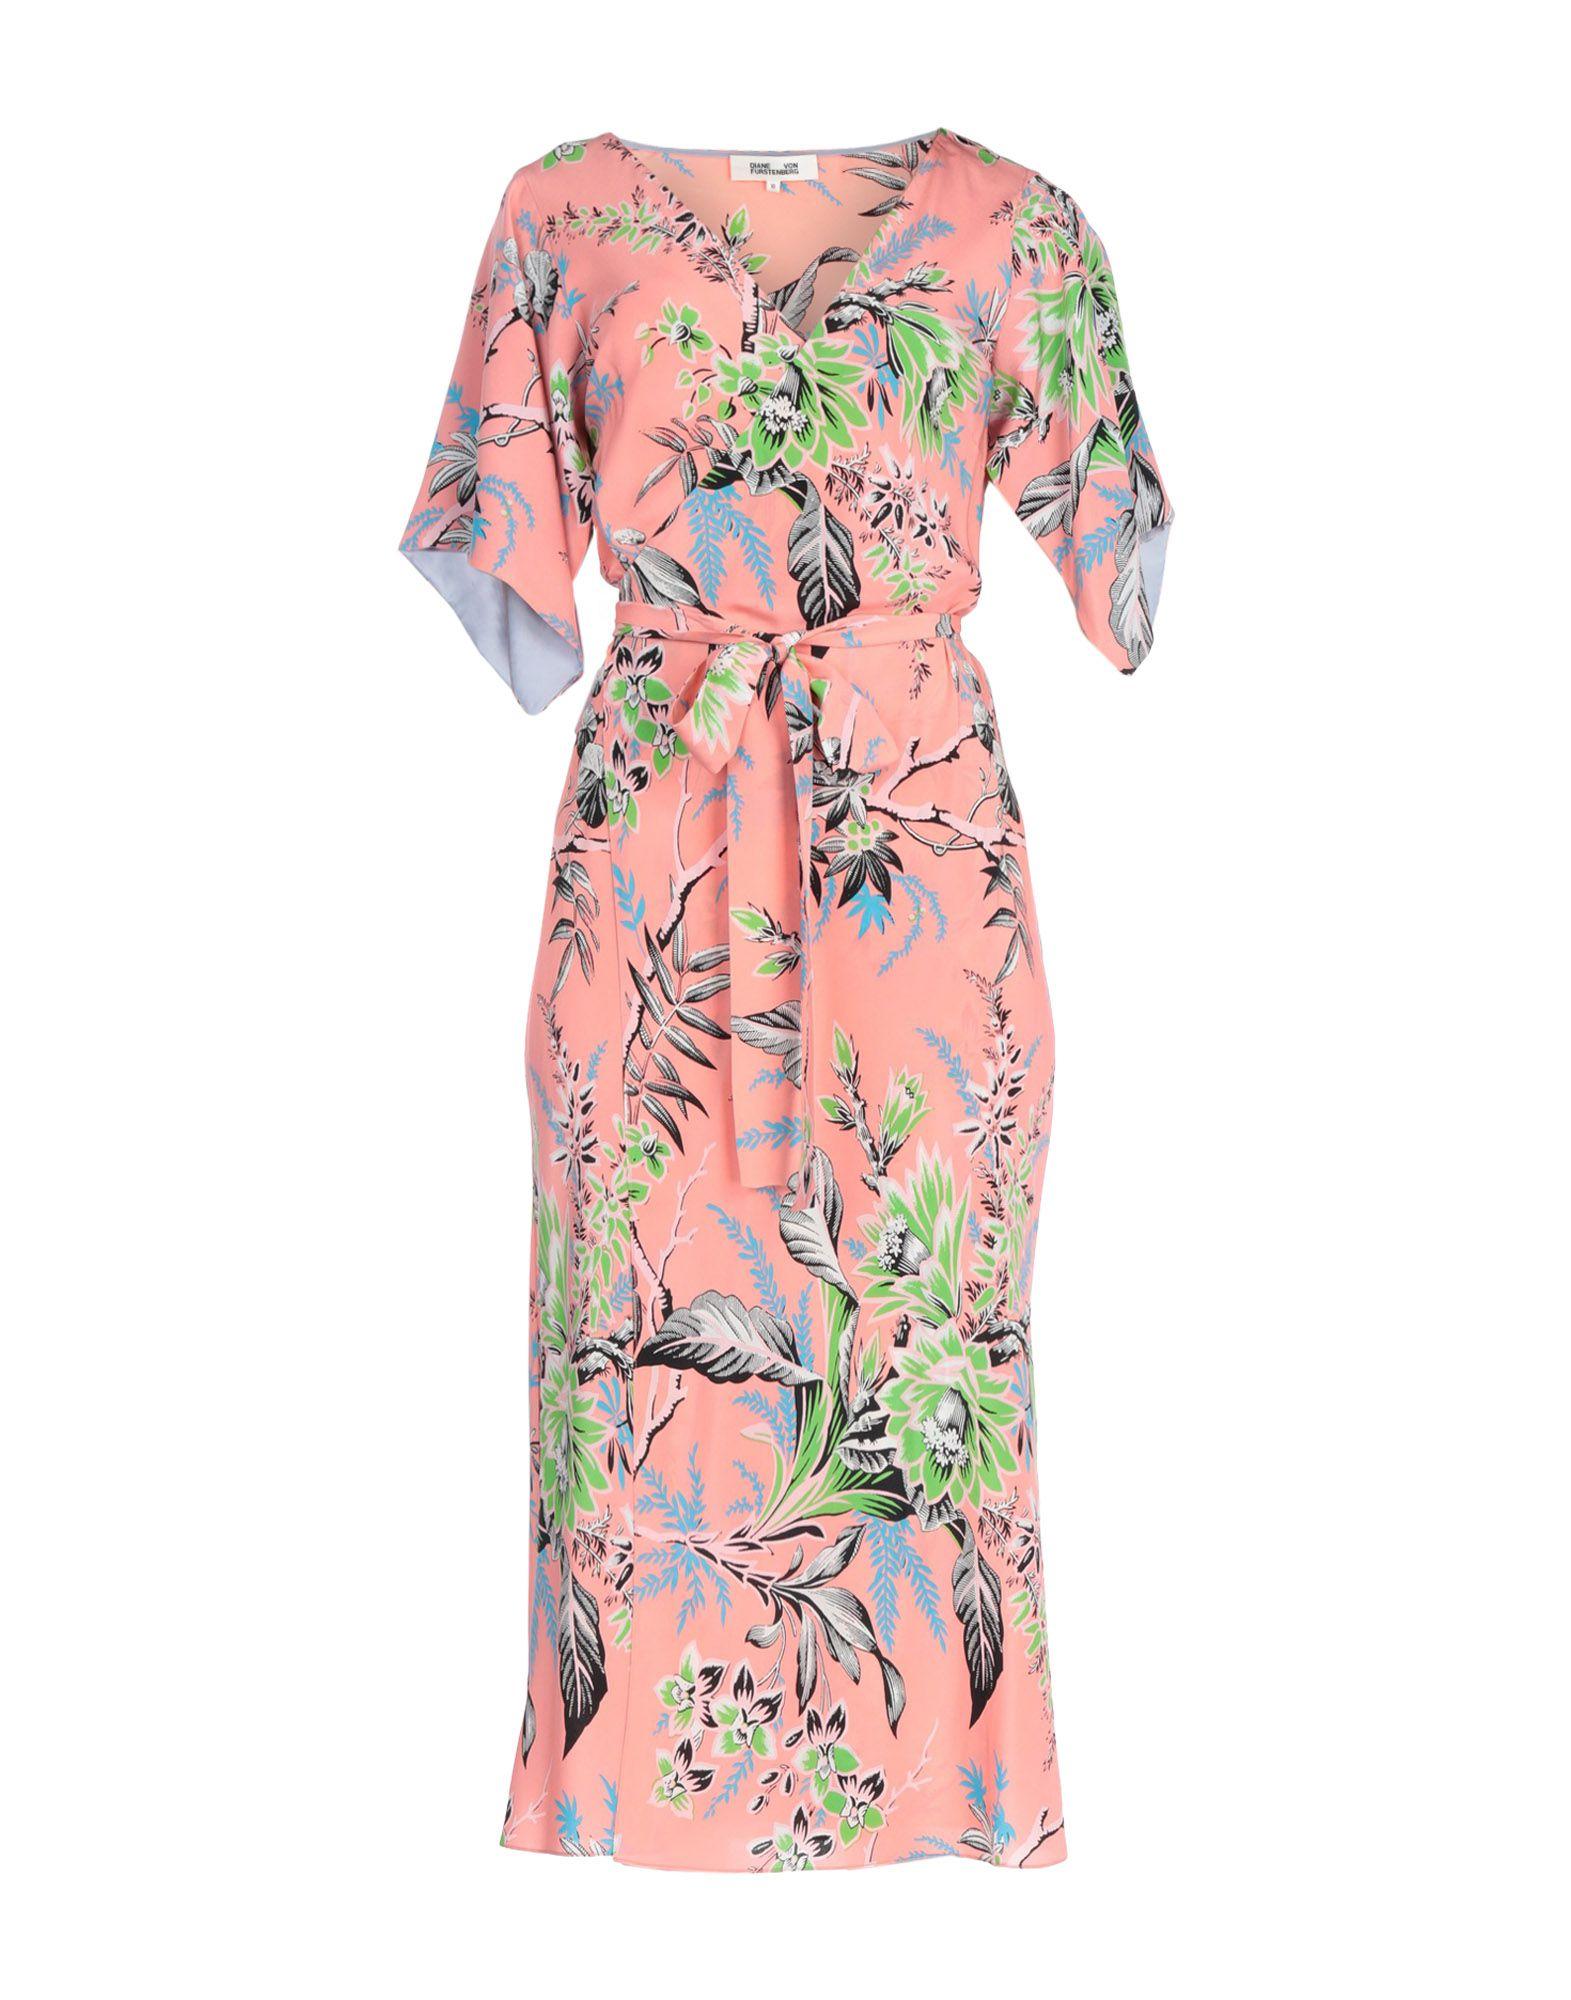 DIANE VON FURSTENBERG Платье длиной 3/4 diane von furstenberg платье миди с цветочным принтом